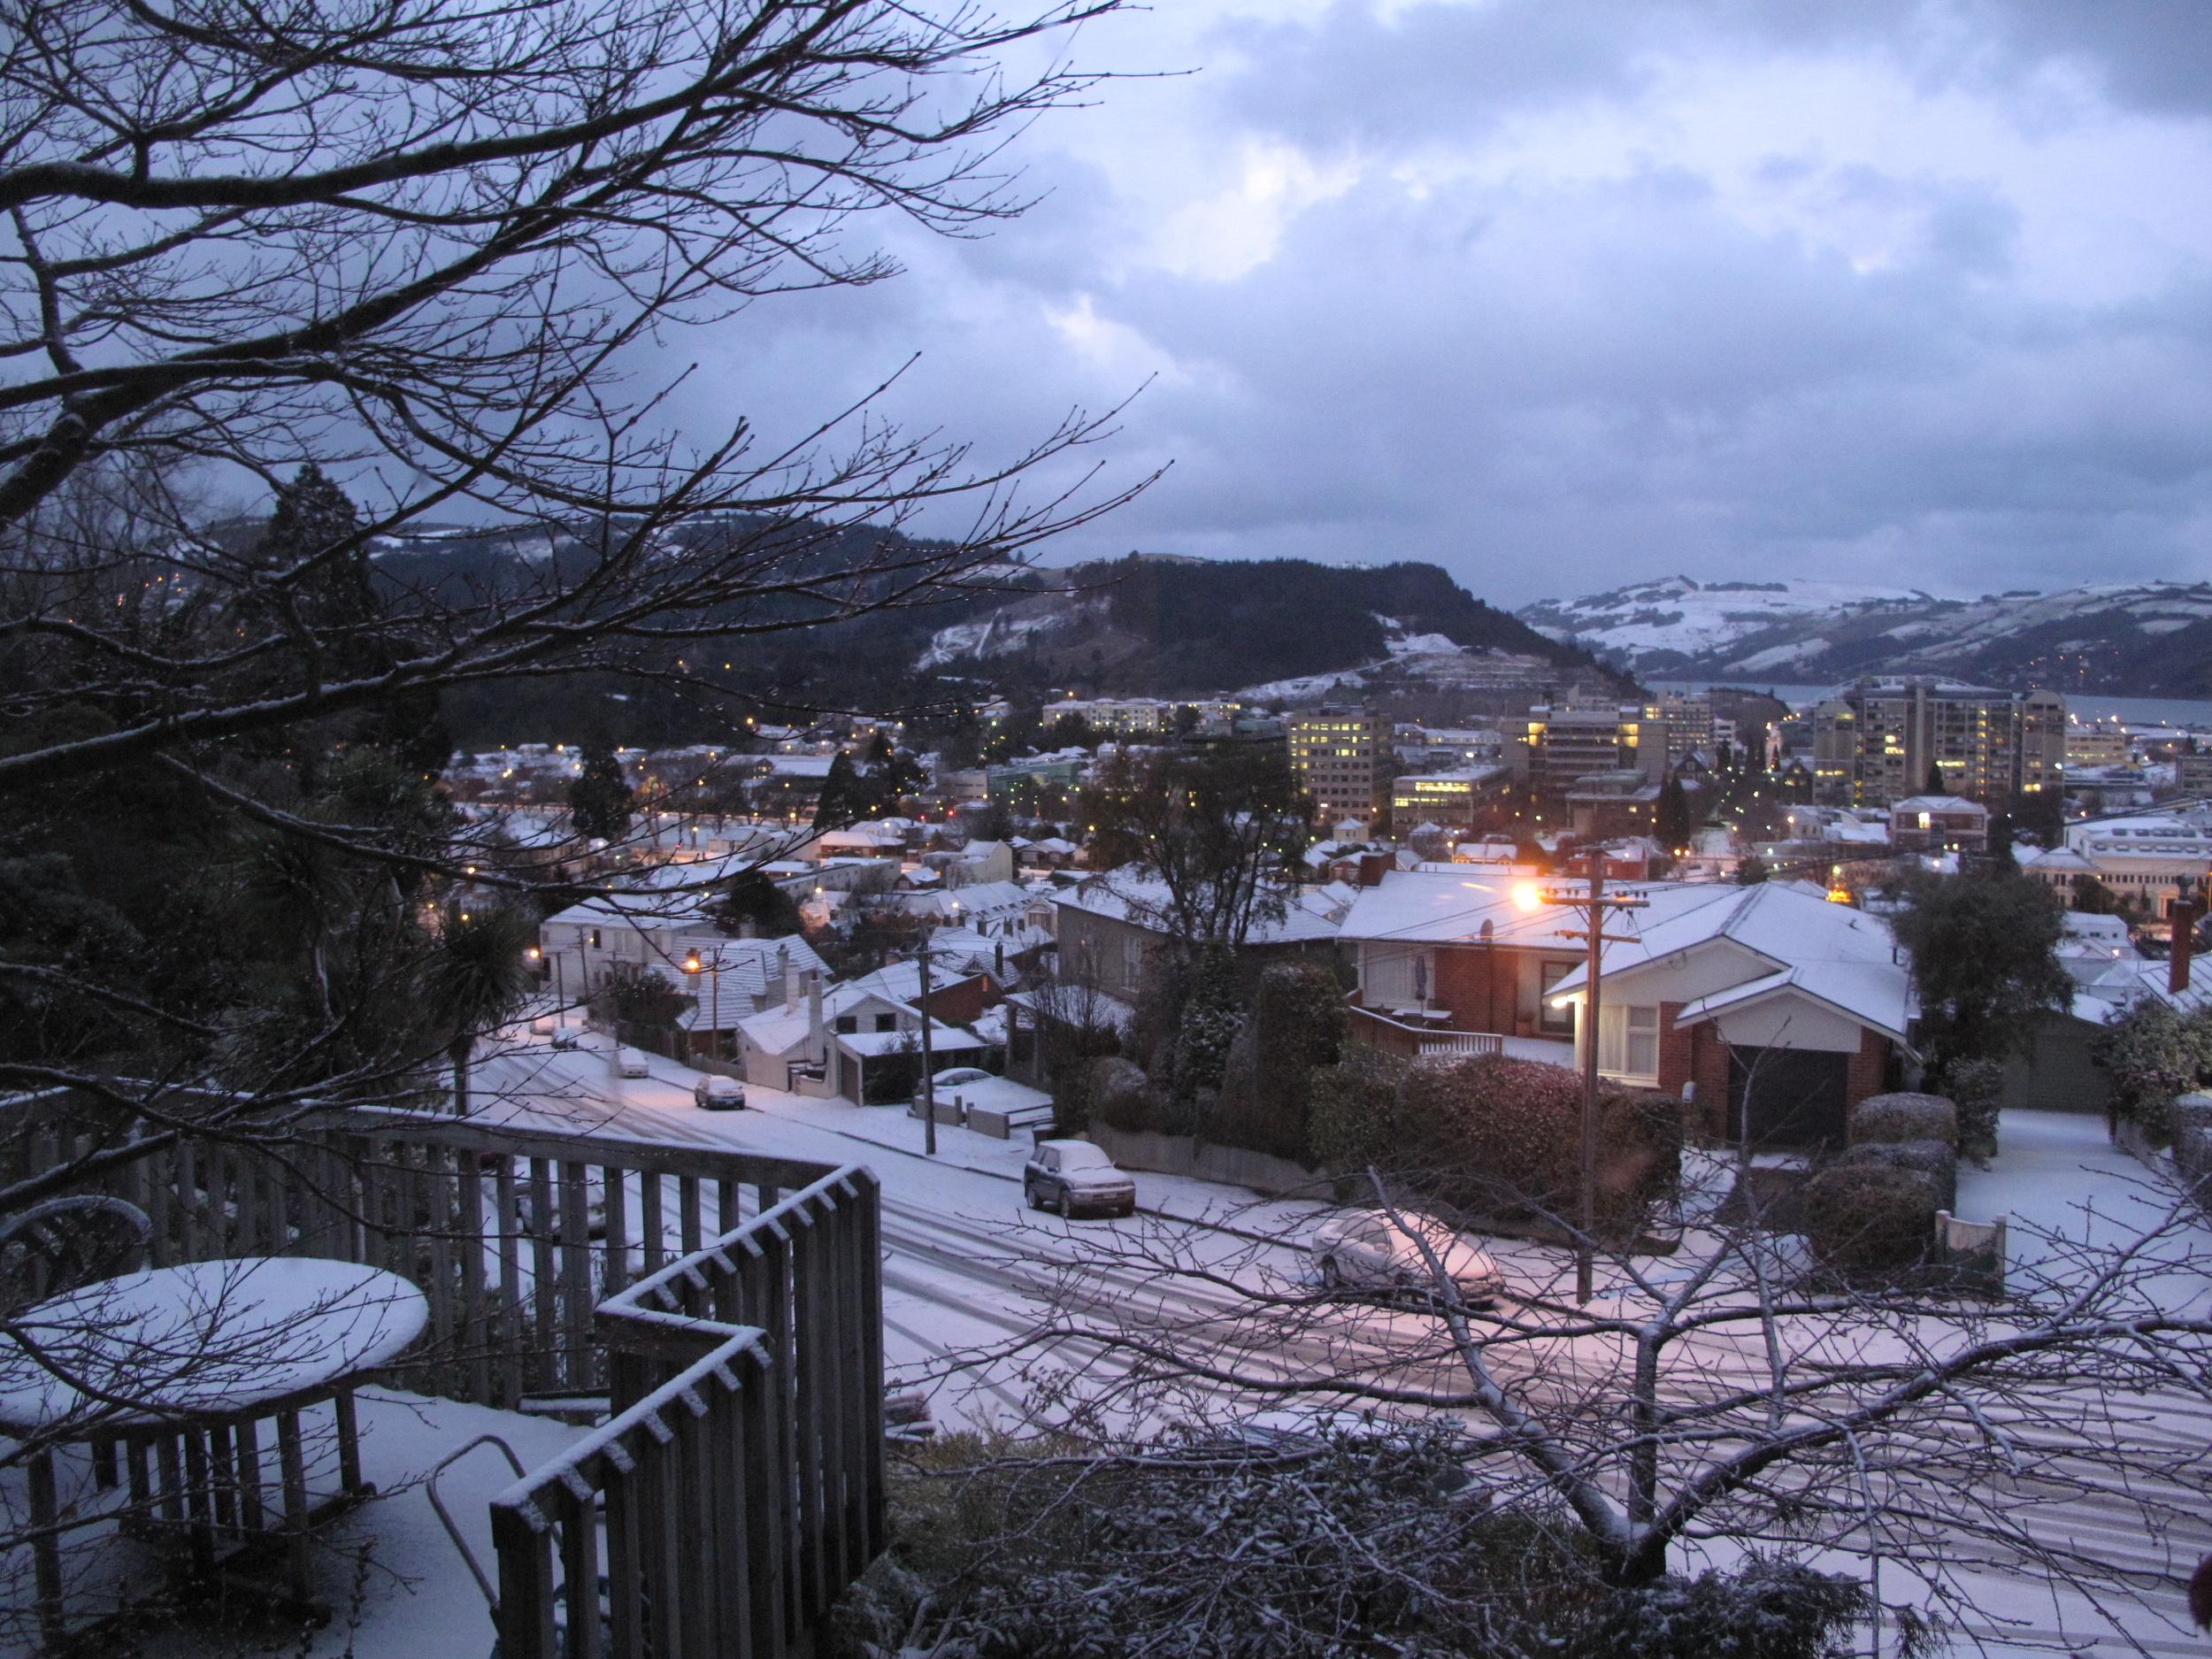 winter city lights at dusk